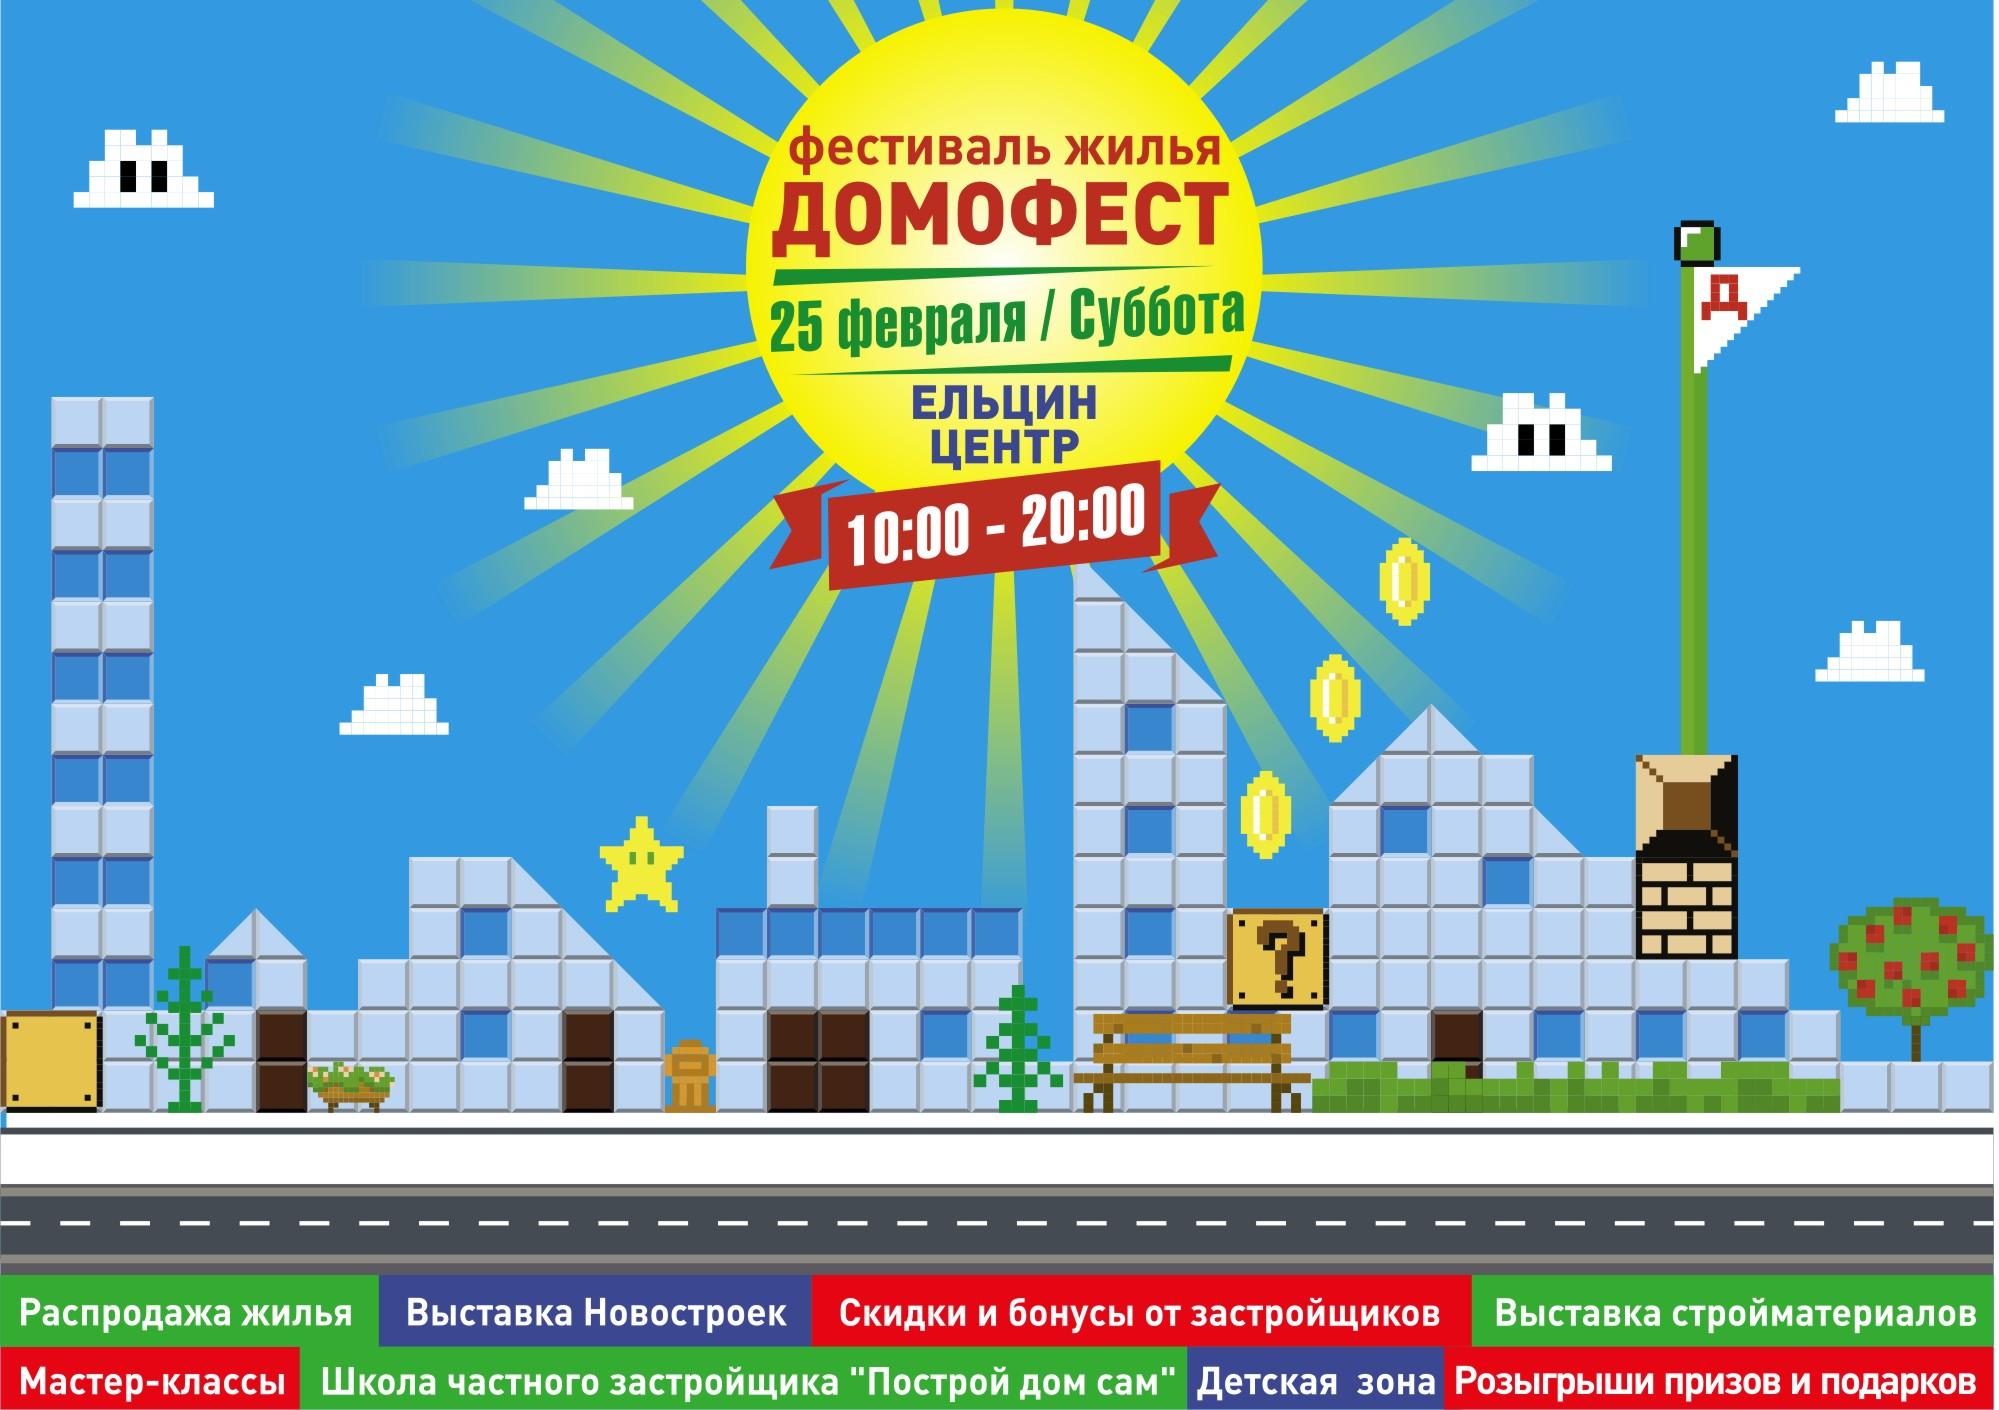 25 февраля в Екатеринбурге представят главные премьеры рынка недвижимости